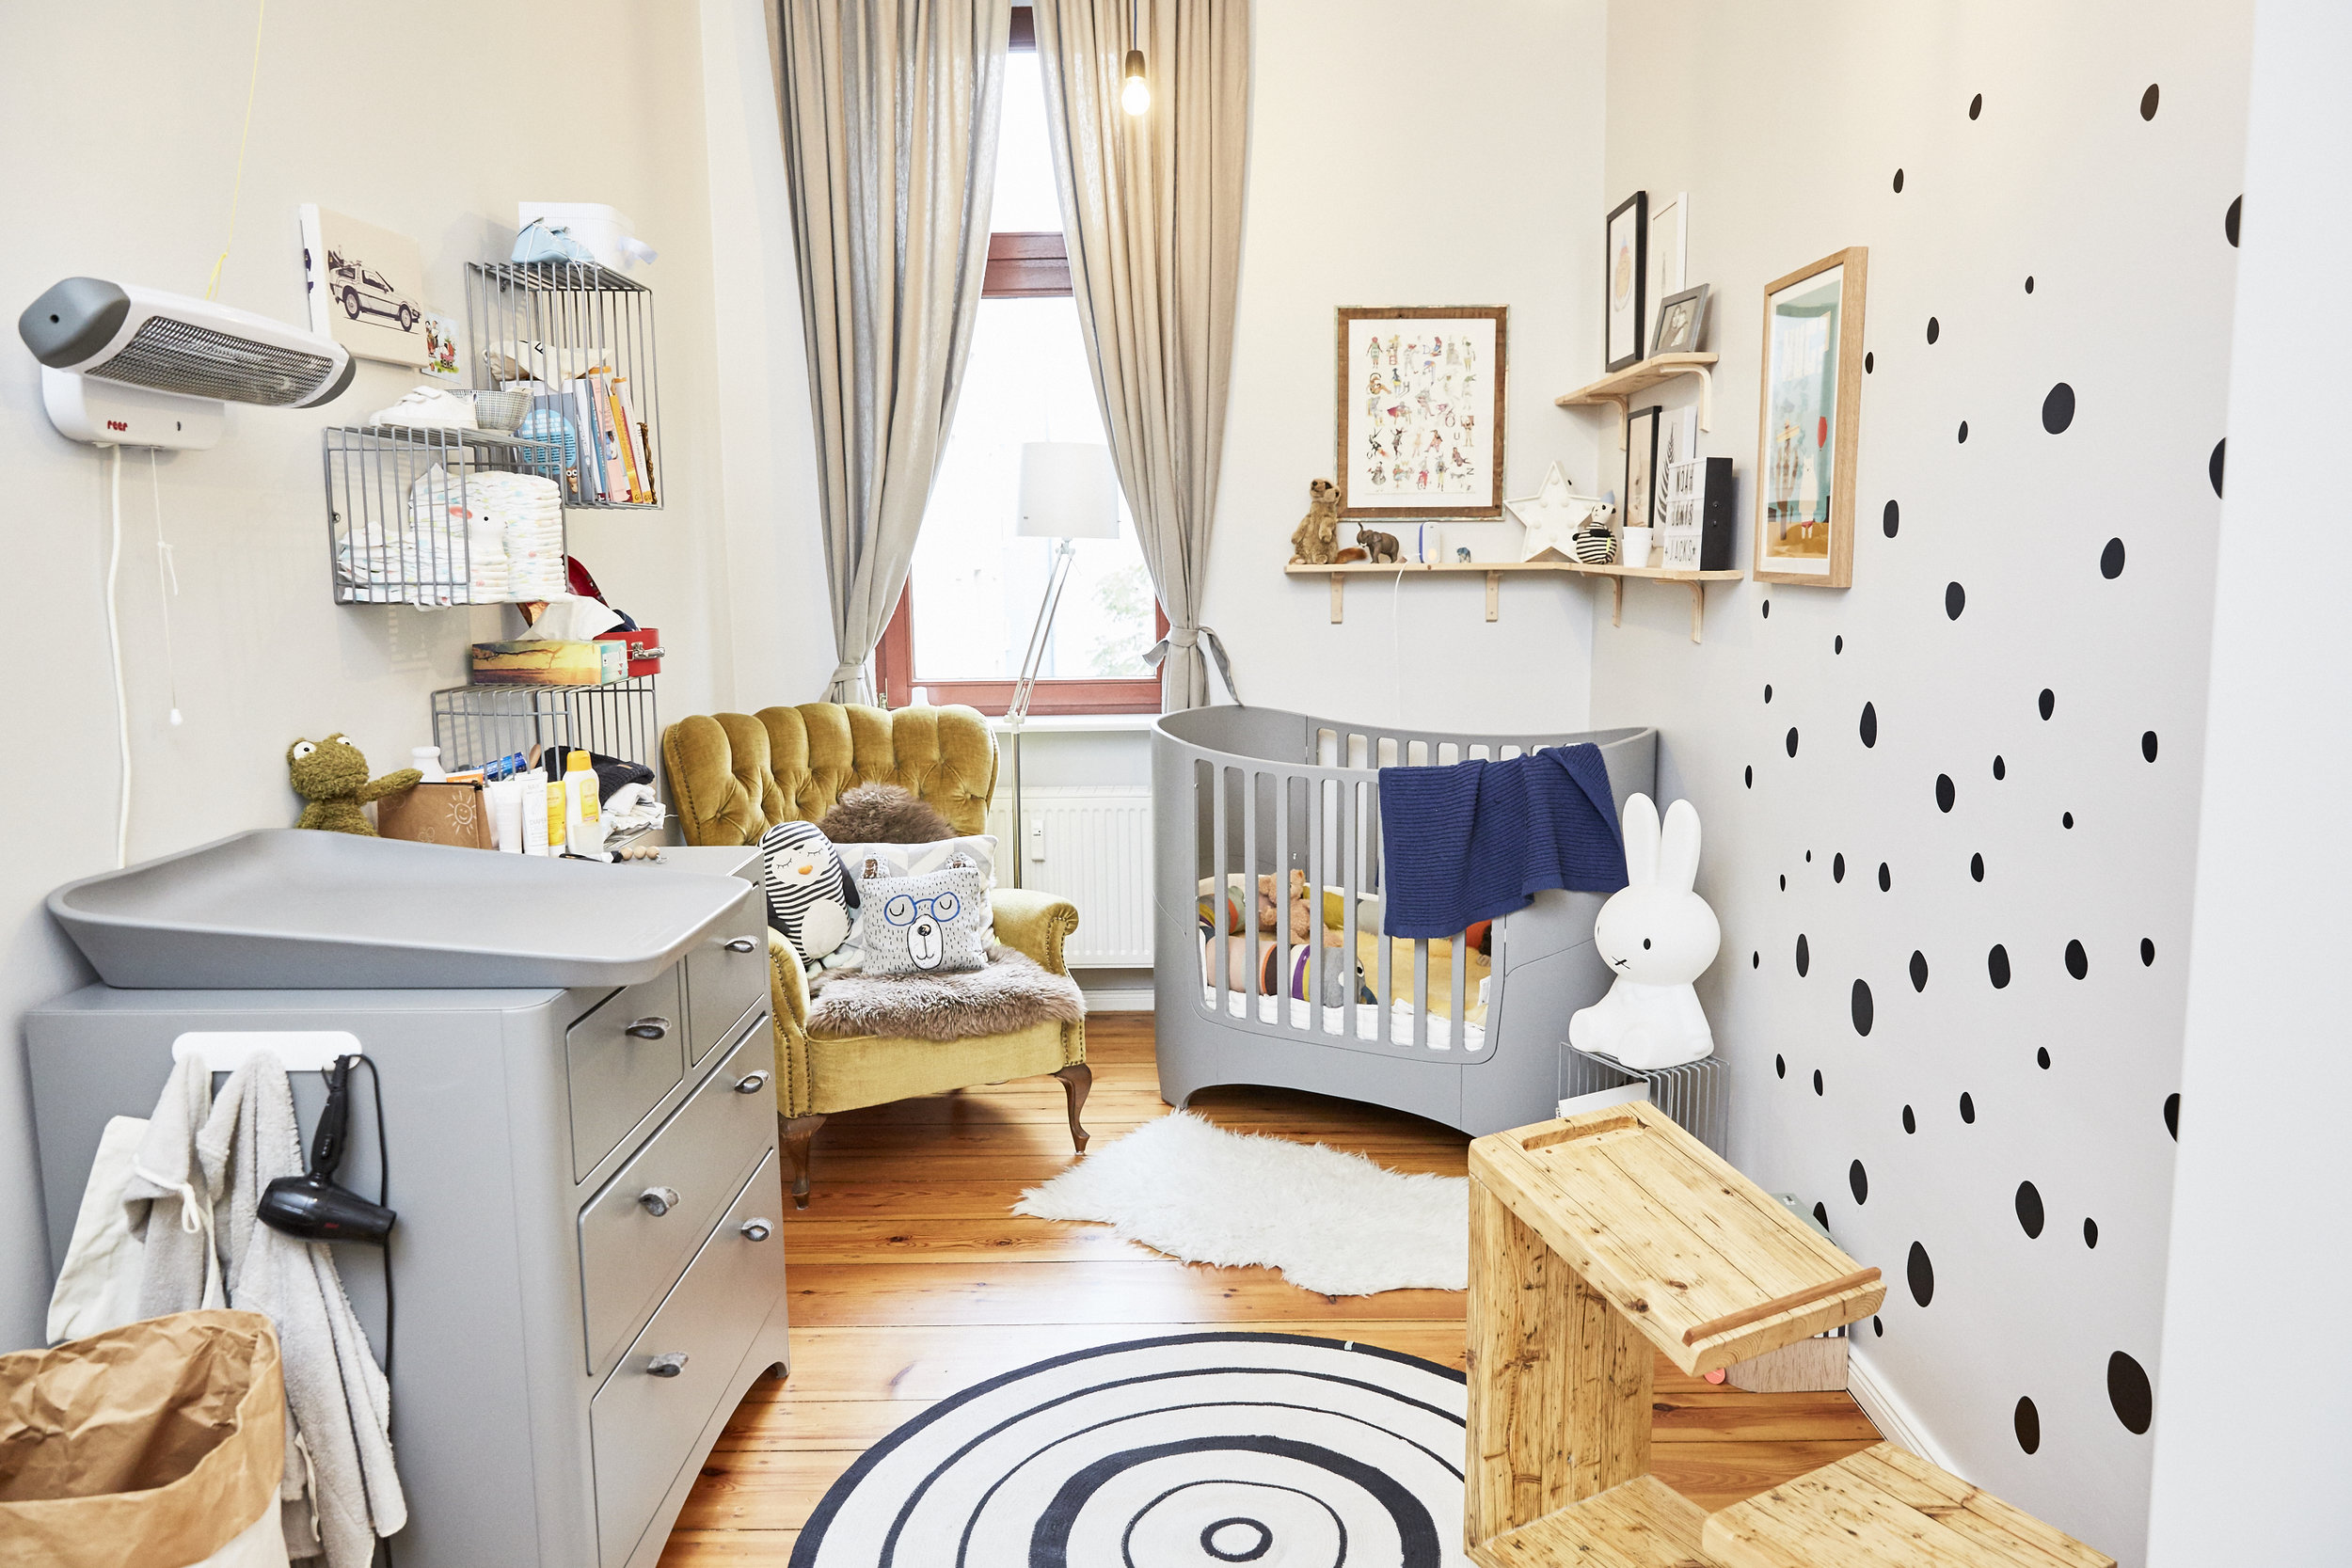 Noahs Kinderzimmer habe ich in Kooperation mit der   Kleinen Fabriek   zusammen eingerichtet.